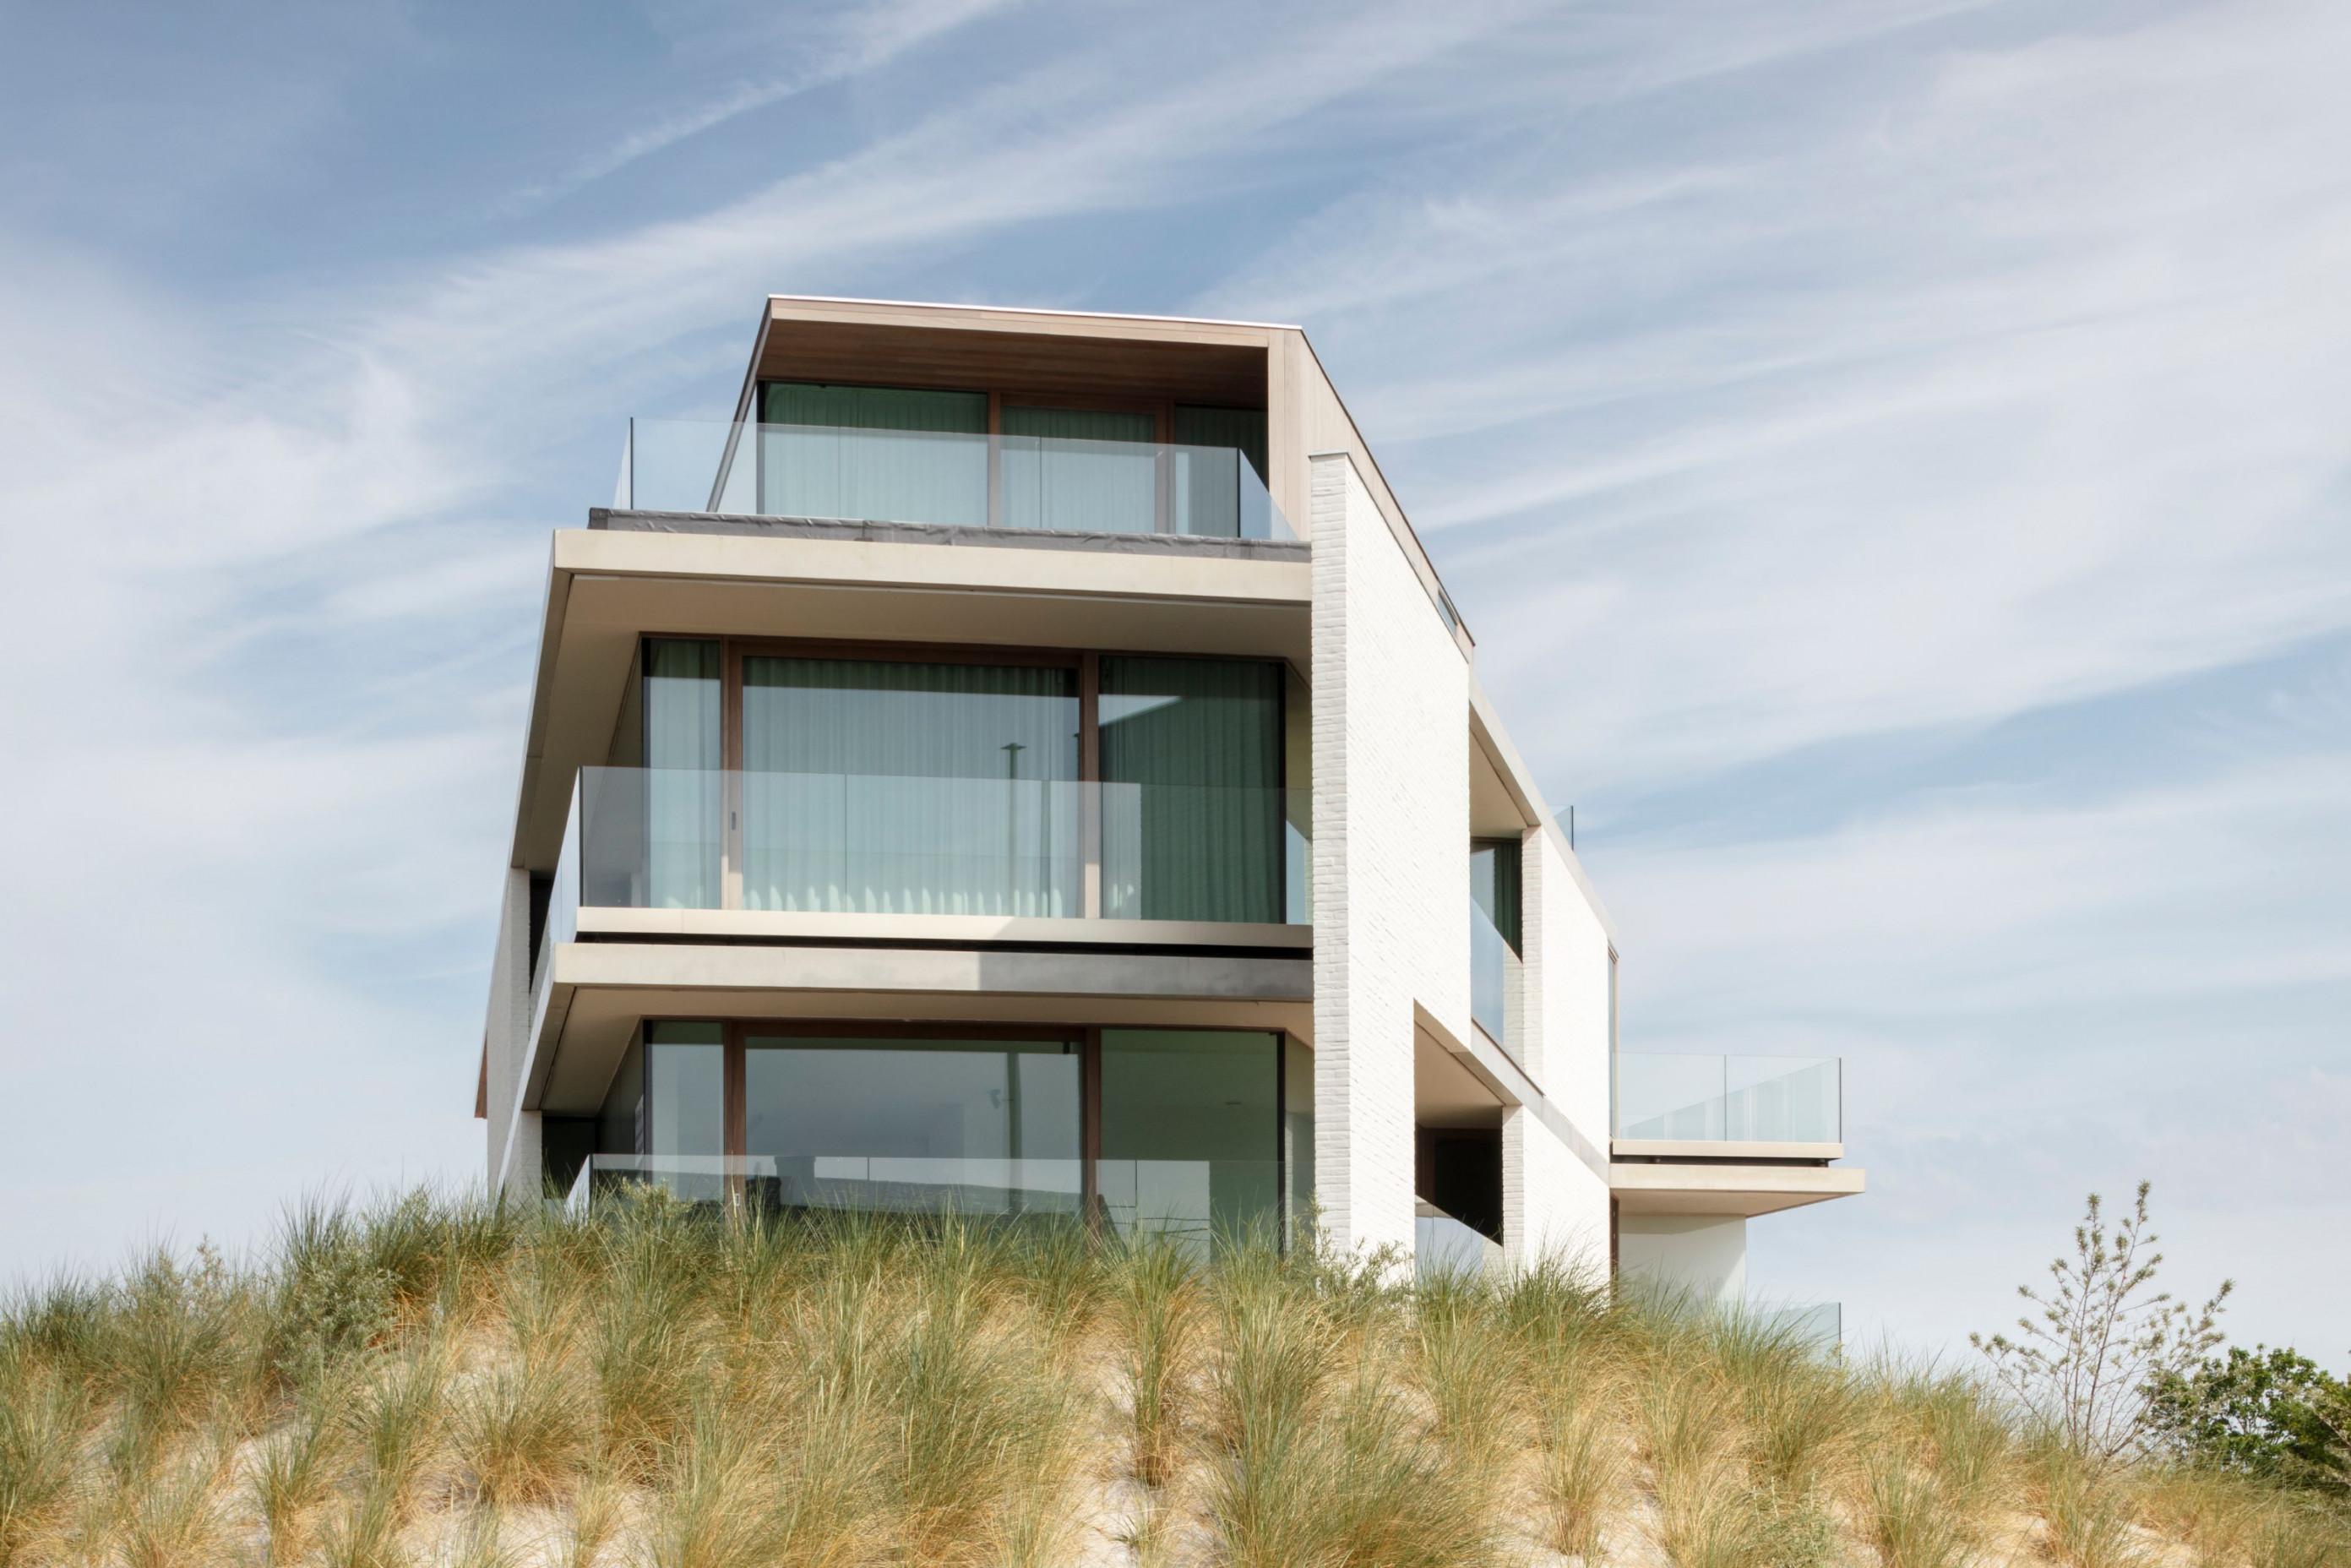 Hans Wegner - Rietveldprojects - Koksijde - Tvdv13.jpg